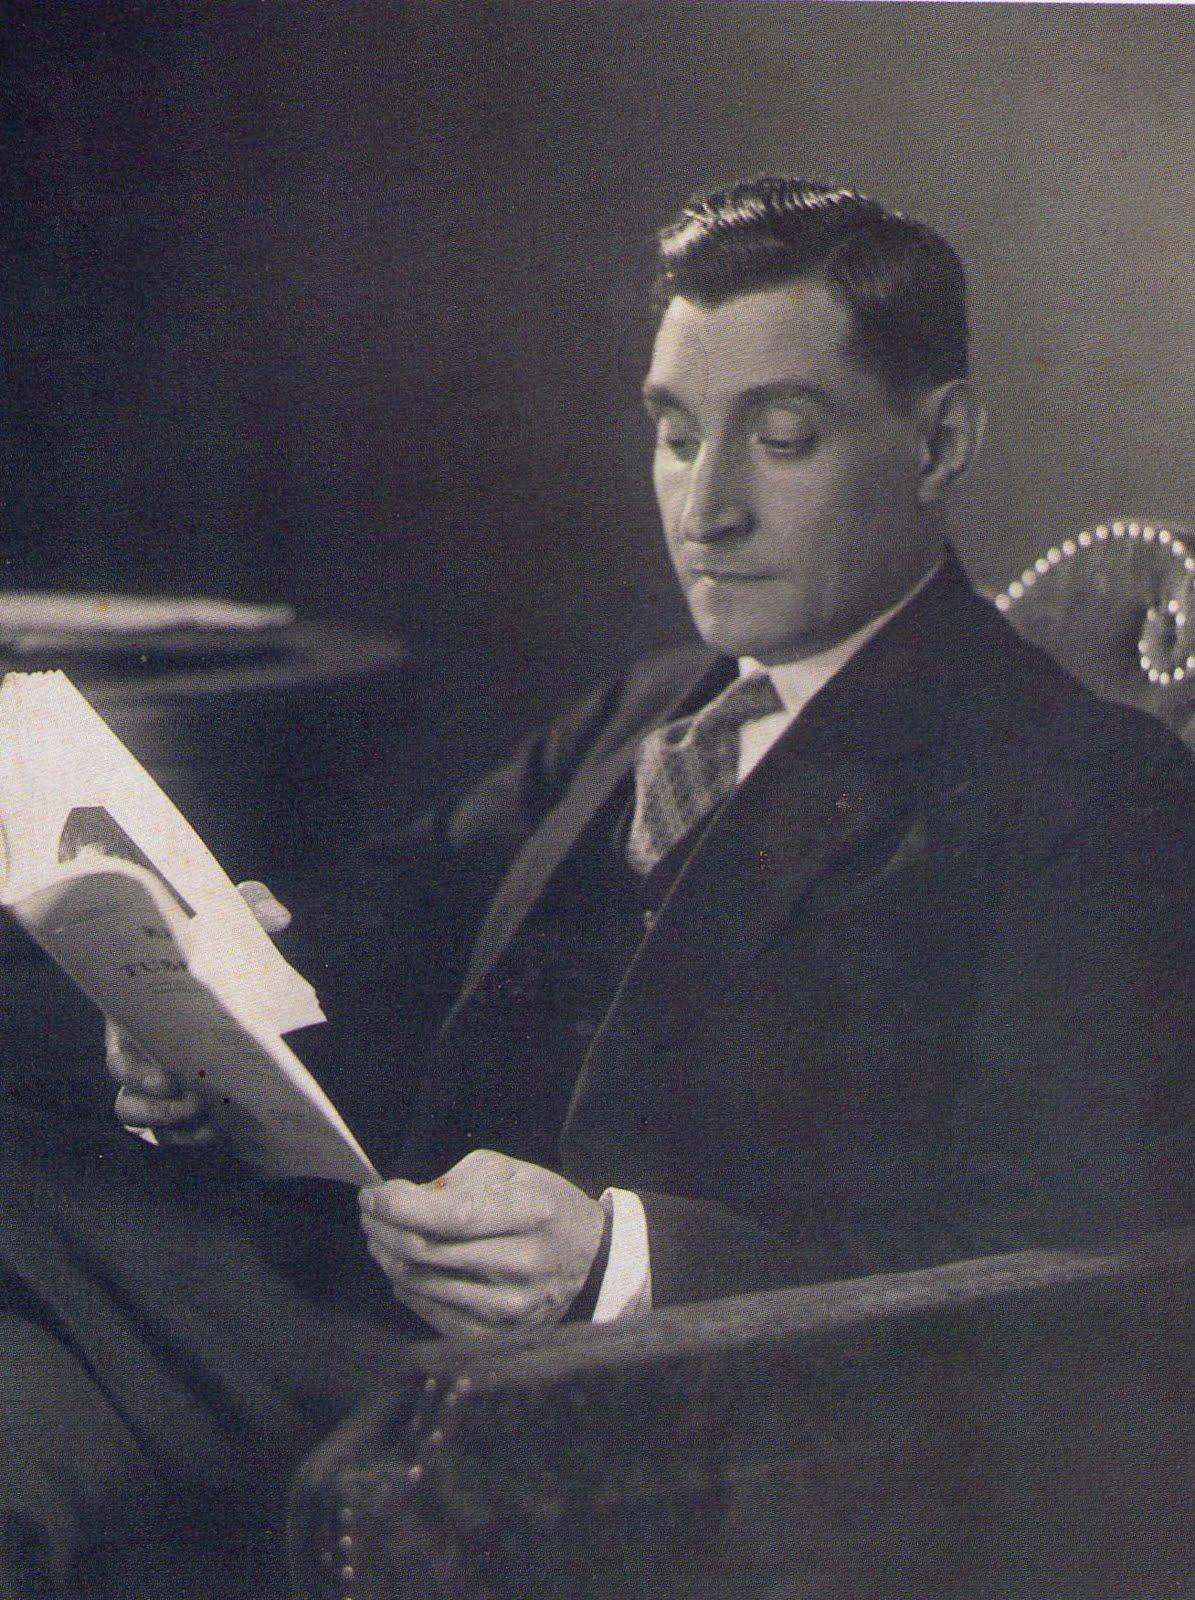 Kondolencje po śmierci Hitlera złożył między innymi portugalski dyktator António de Oliveira Salazar, który zarobił na handlu z III Rzeszą prawdziwe krocie.